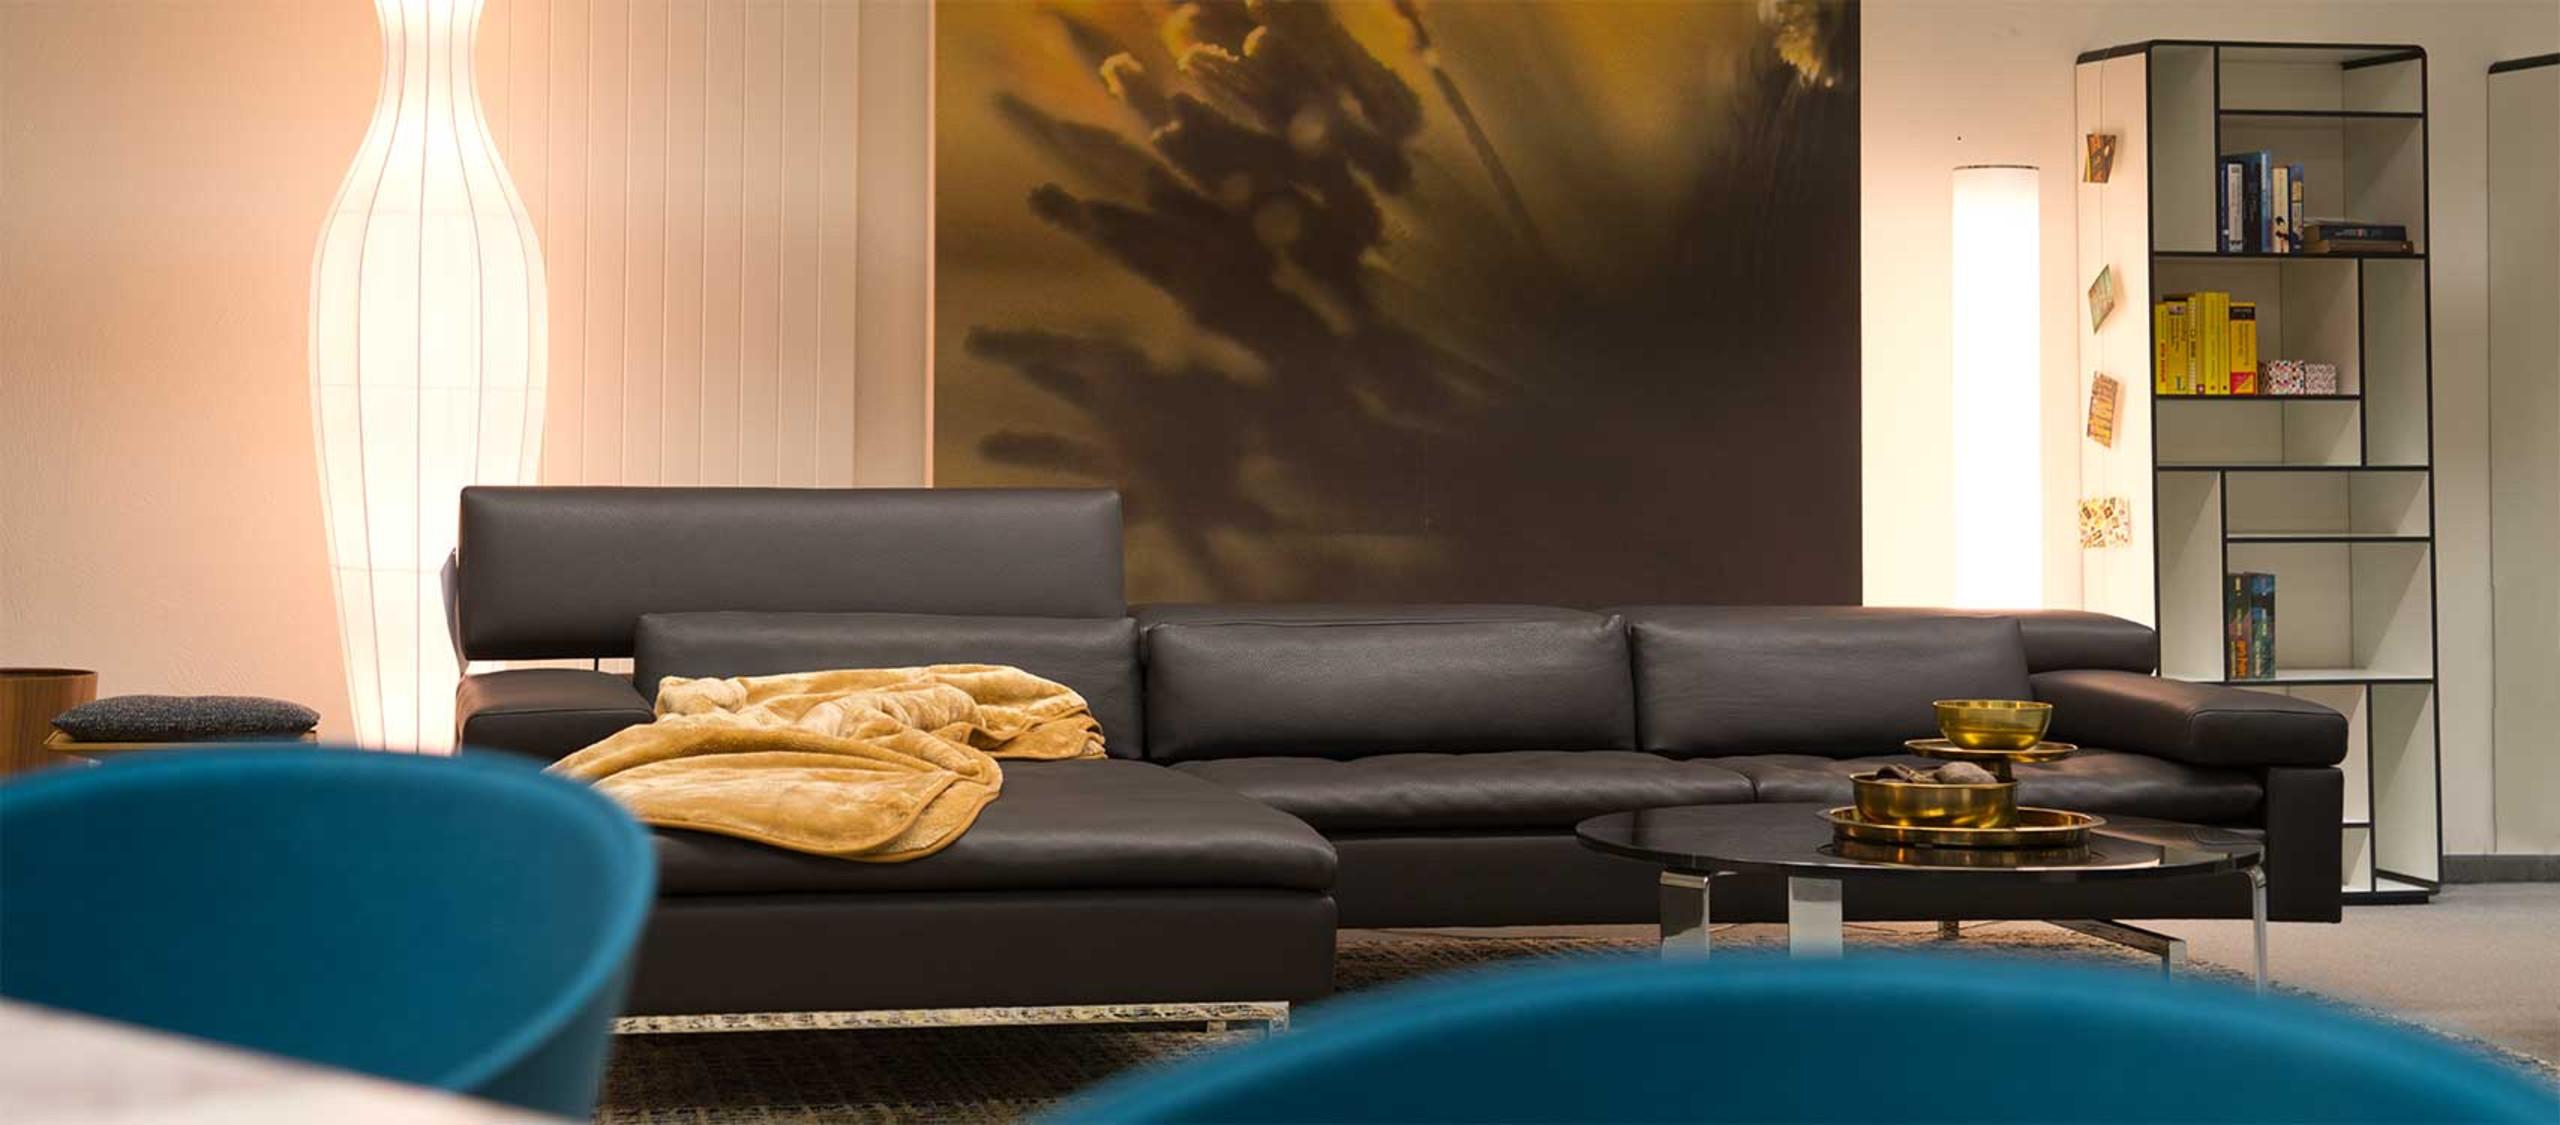 Möbel Suter Die Einrichtungsprofis In Ihrer Nähe